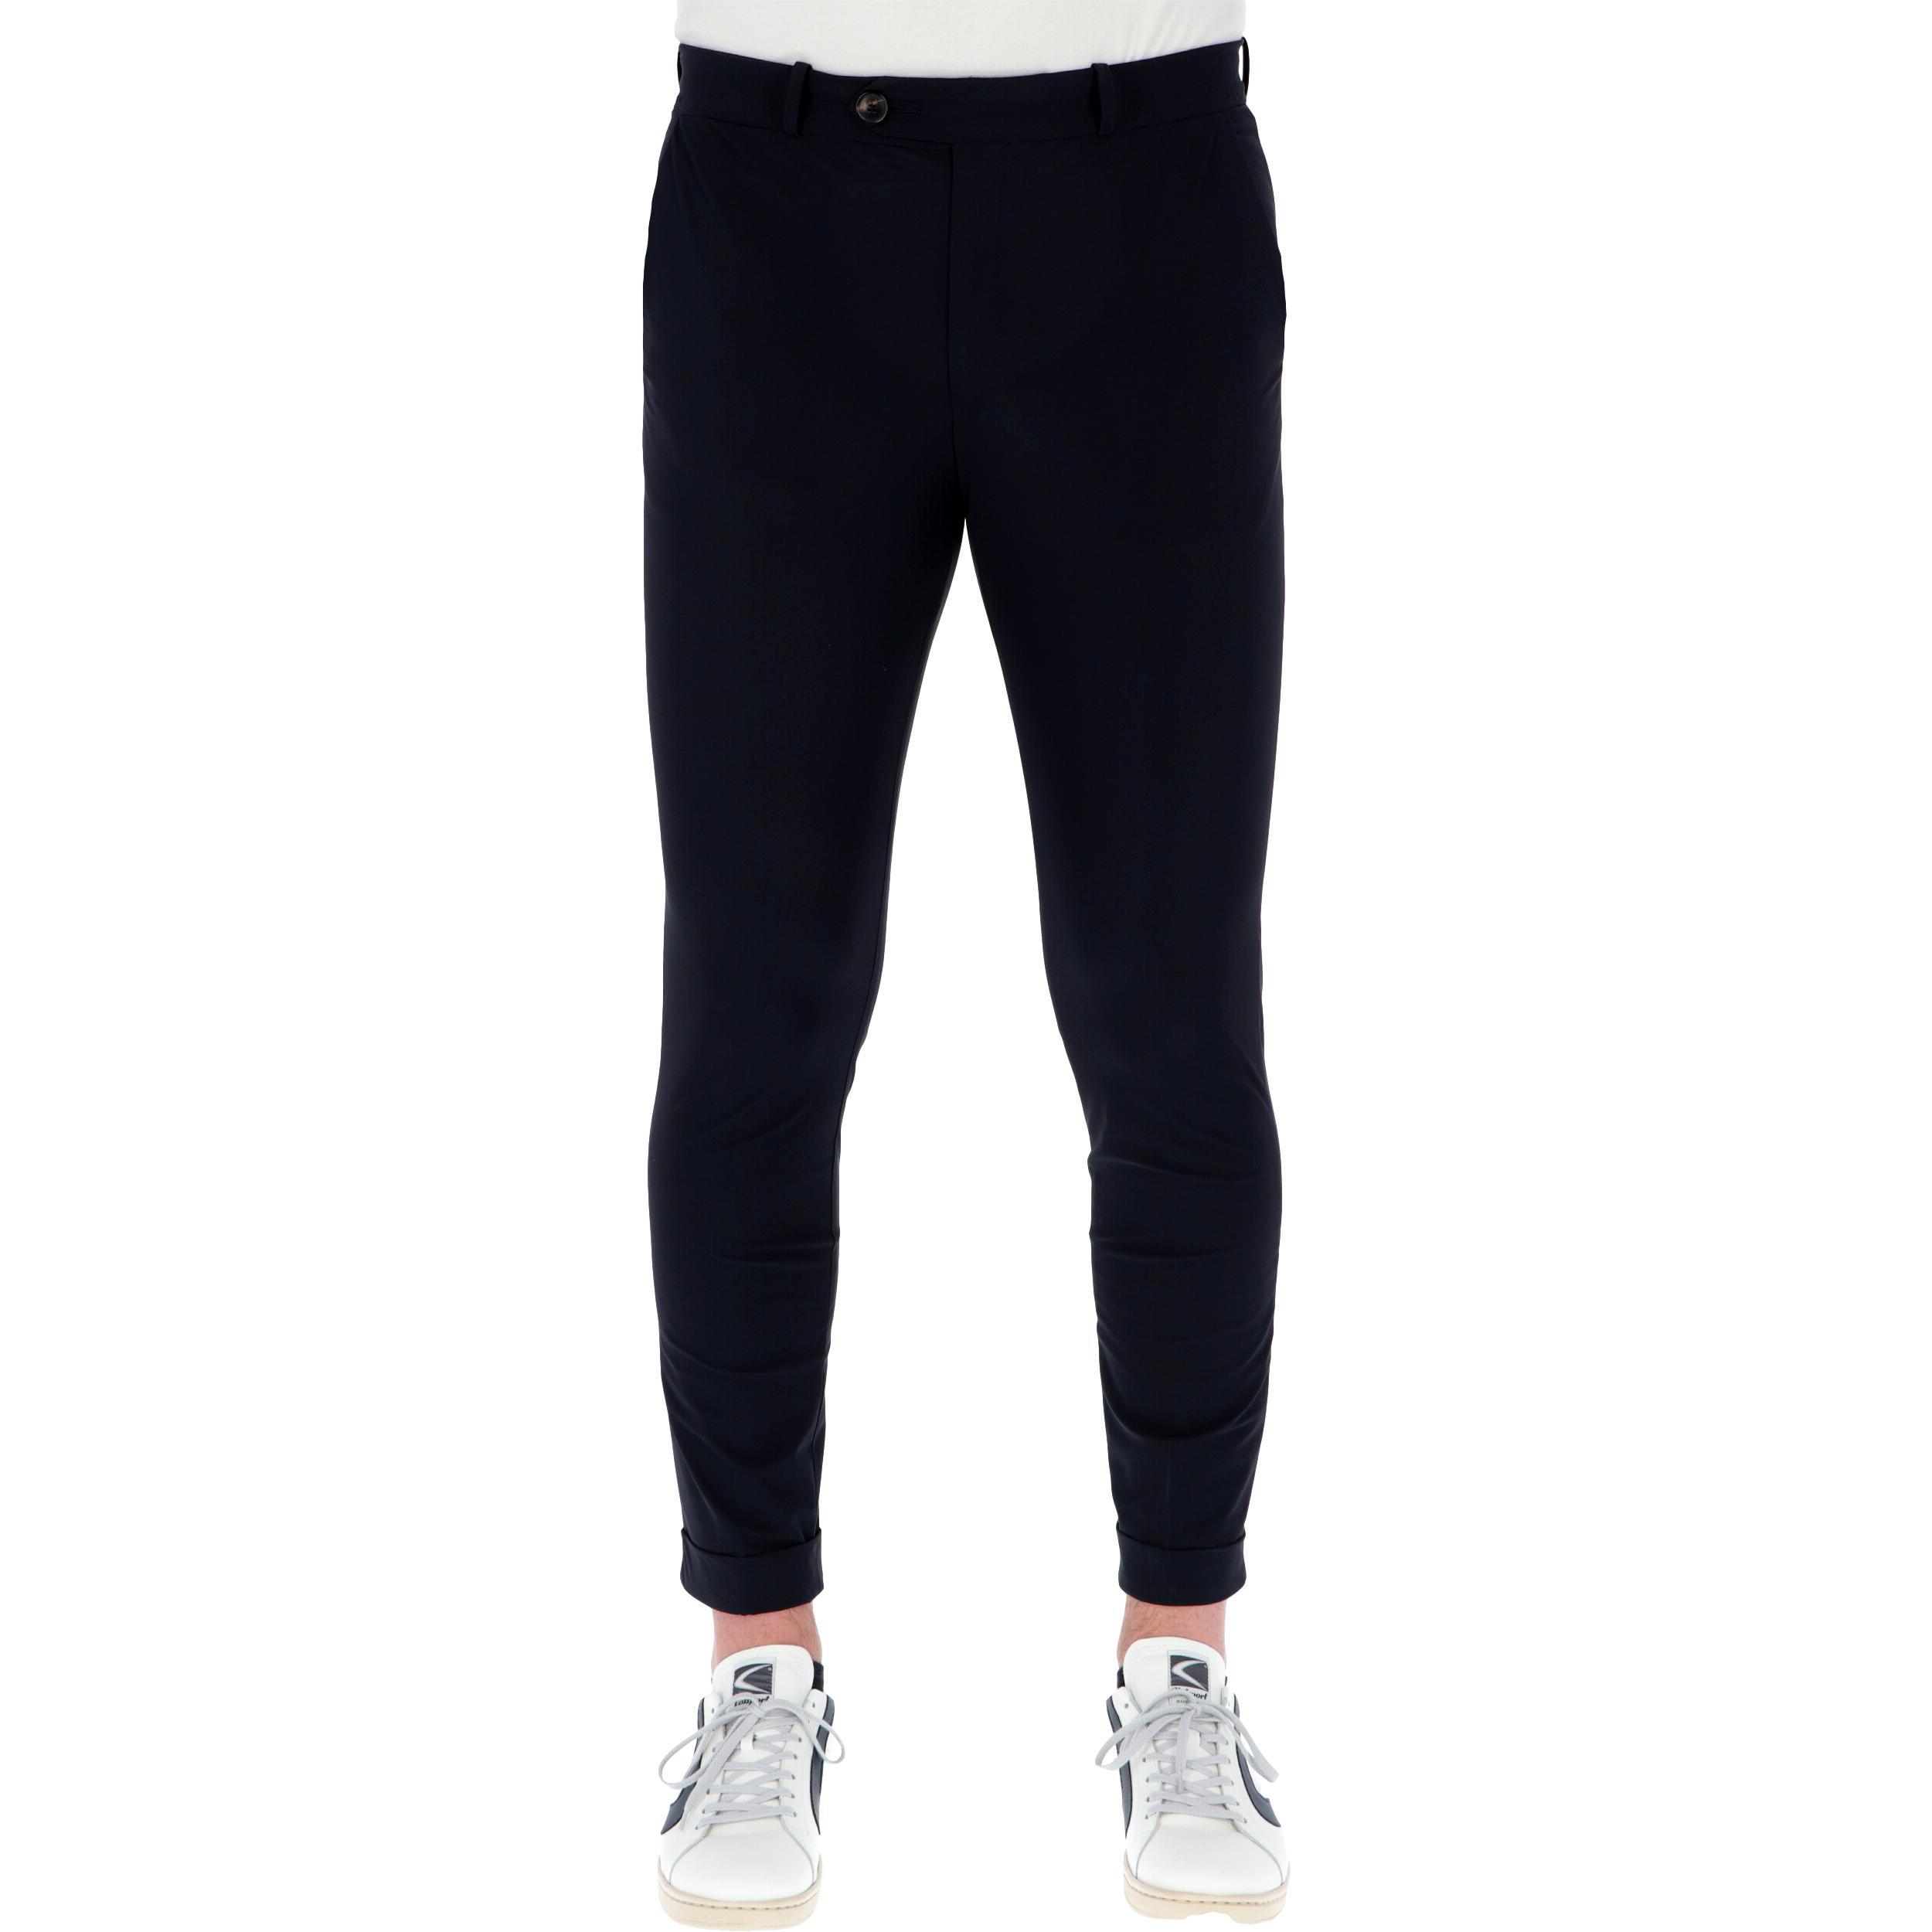 Rrd Black Men's Trousers 21200 RRD      2120060